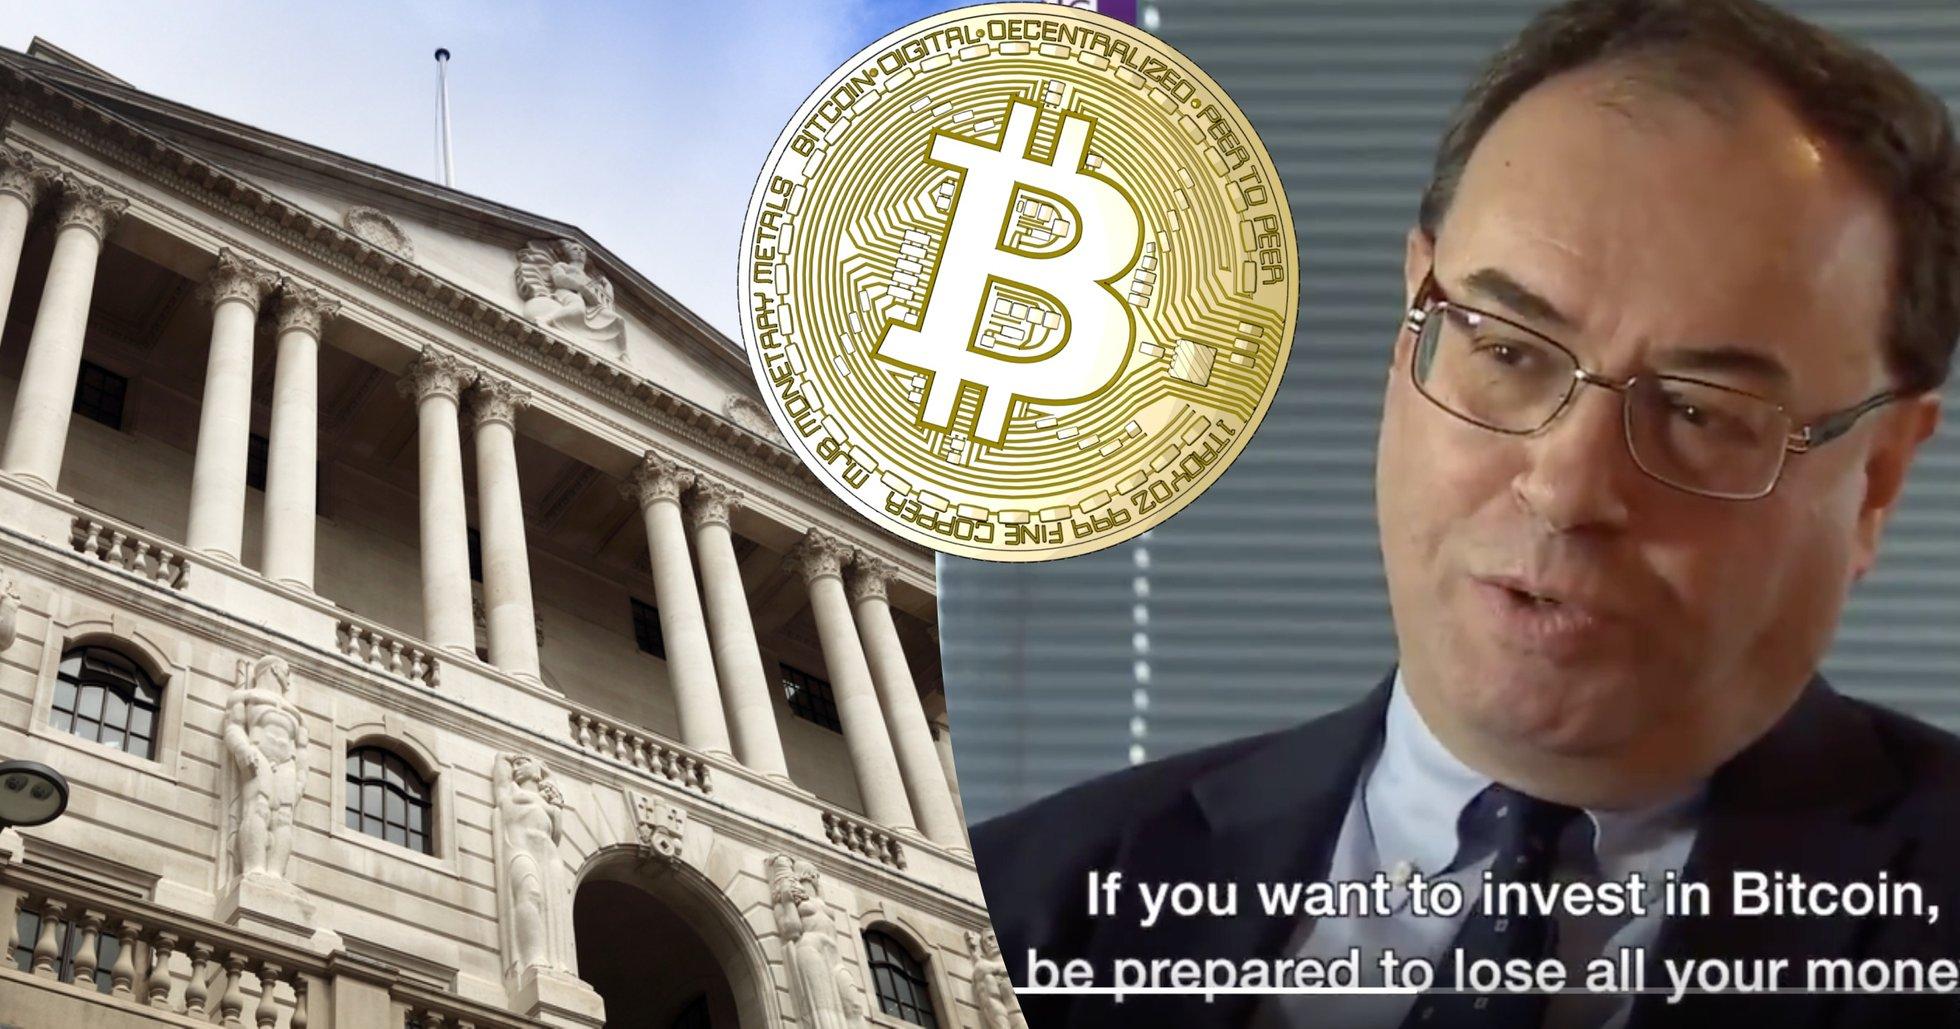 Storbritanniens nästa centralbankschef: Vill du köpa bitcoin? Var beredd på att förlora allt